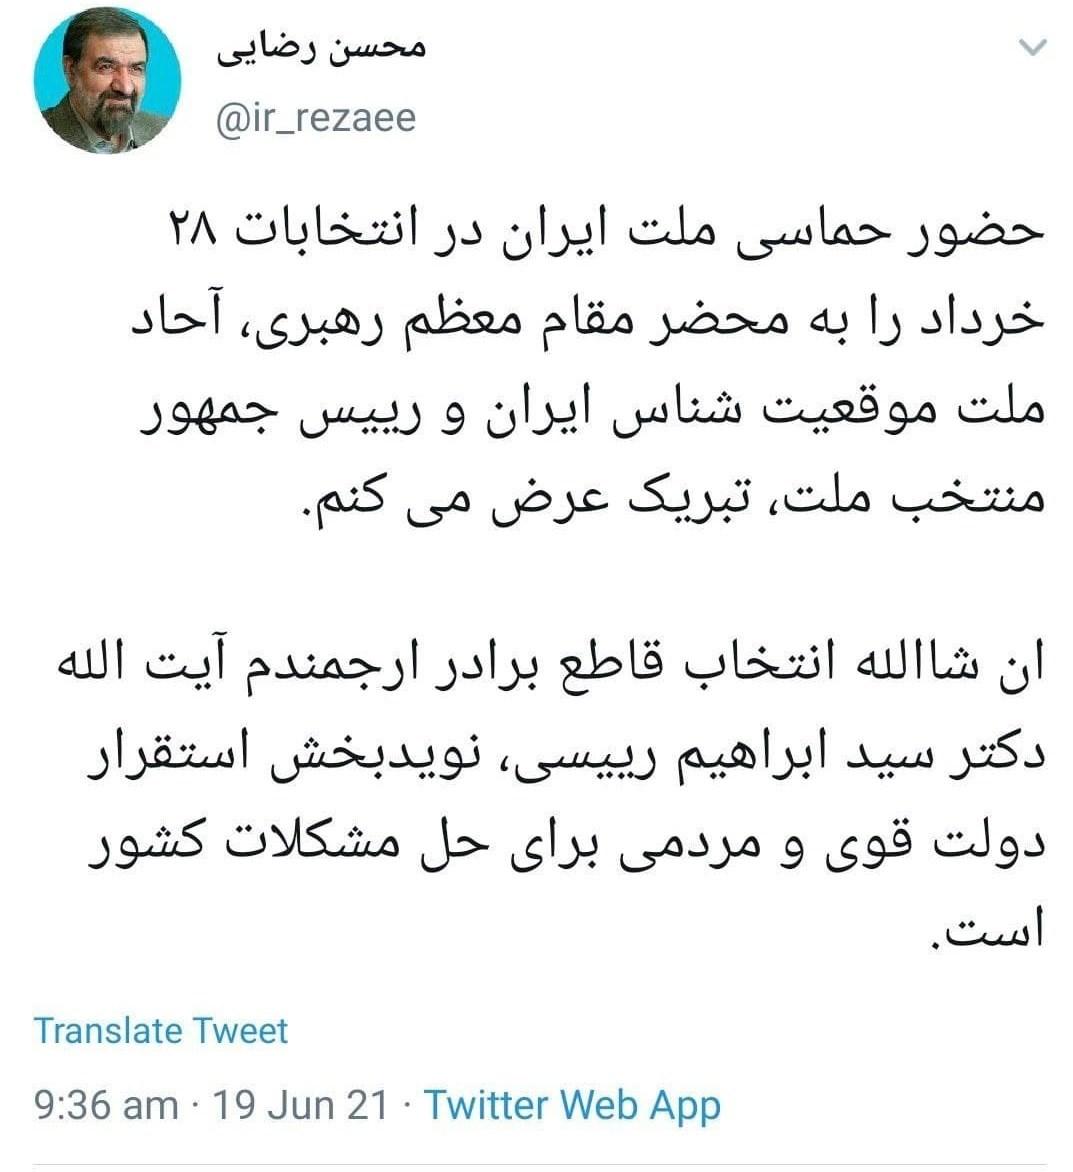 محسن رضایی , آیت الله سیدابراهیم رئیسی , انتخابات 1400 ,